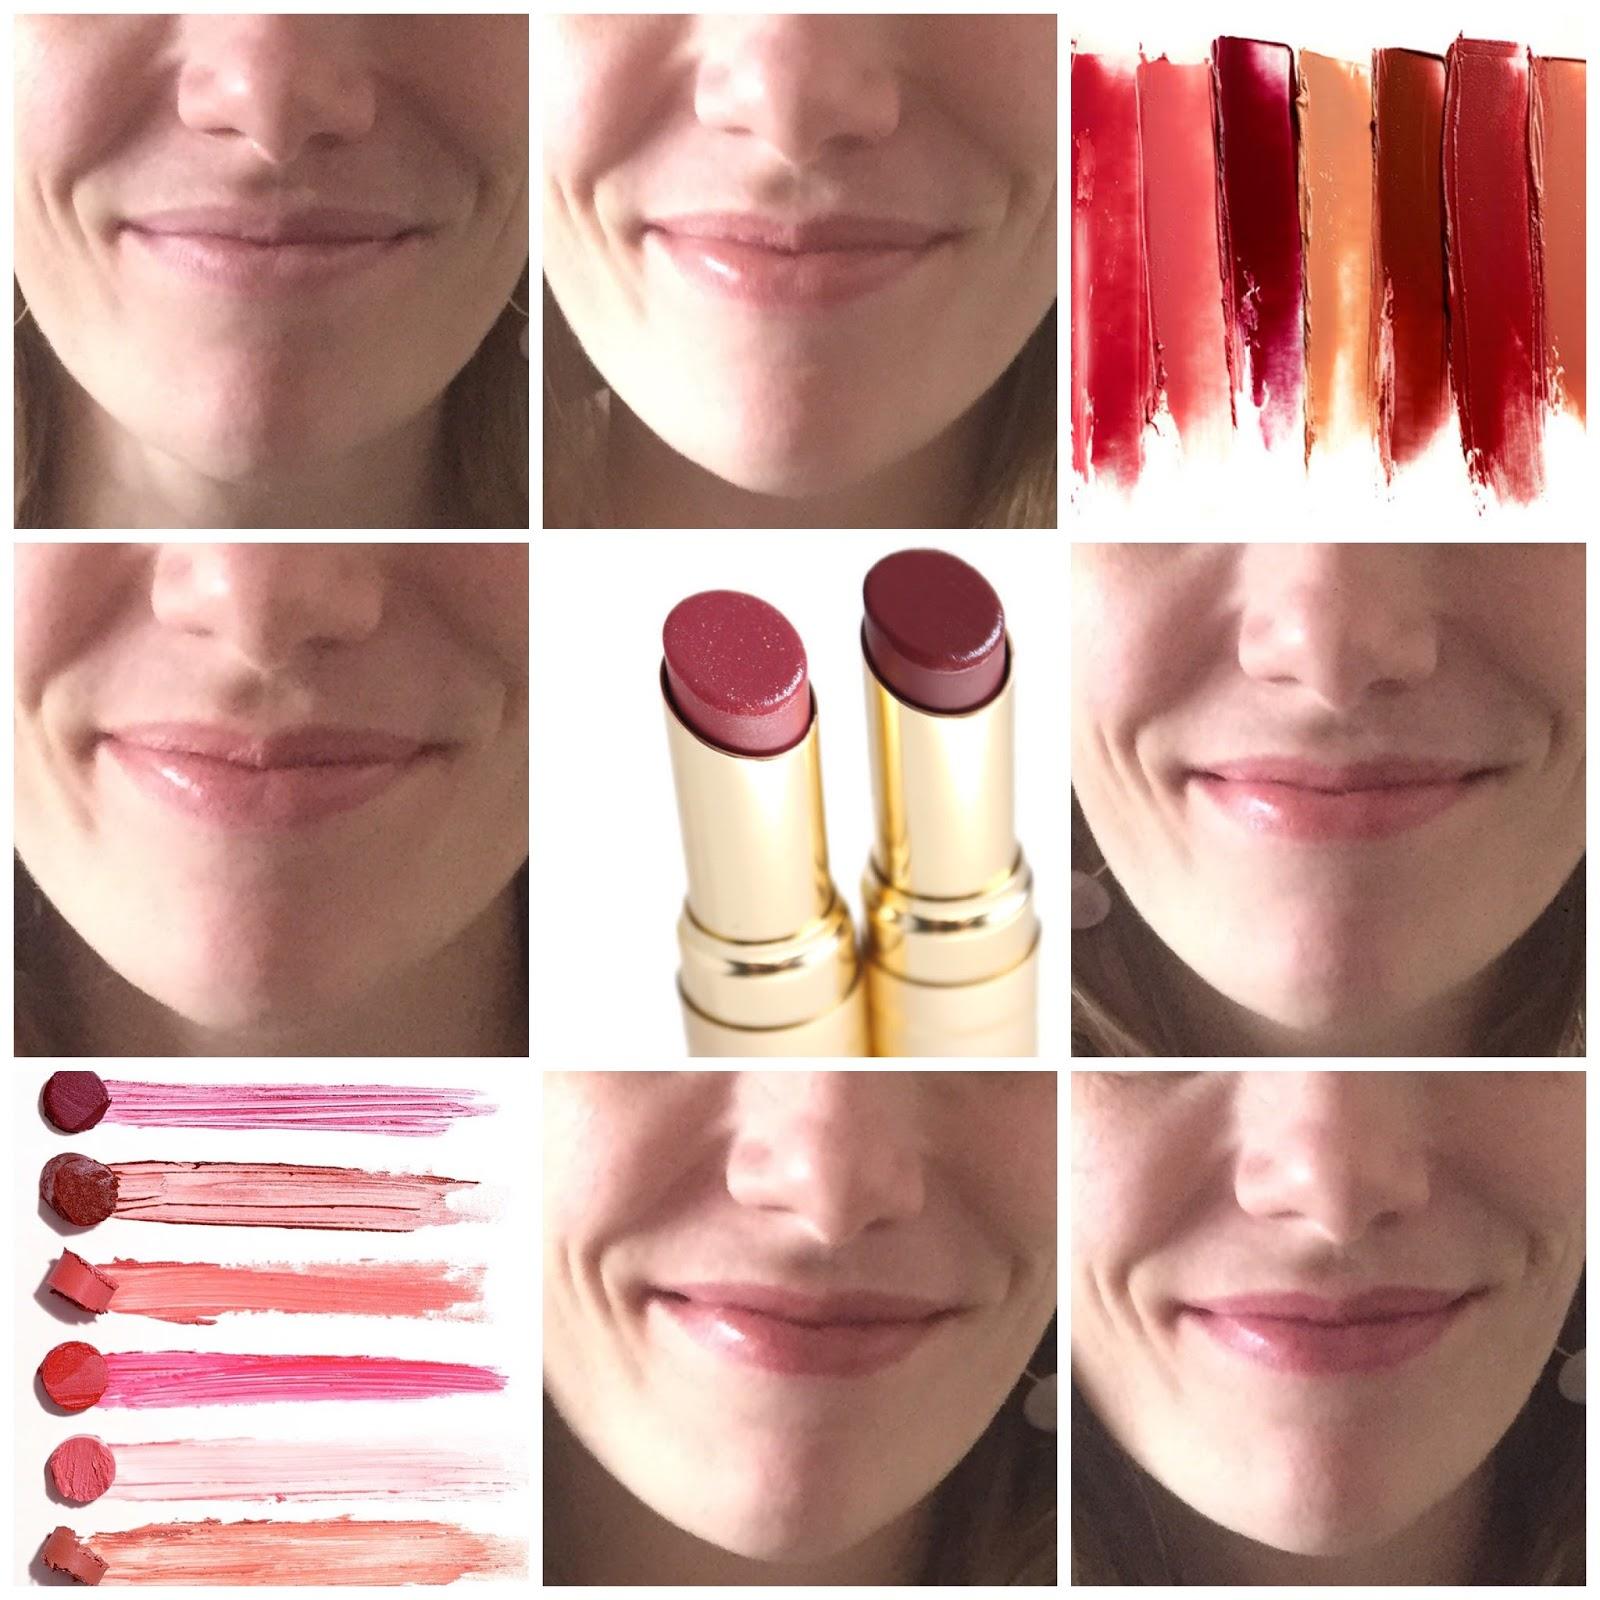 Pin by Davinah Cristina on Makeup | Nose ring, Makeup